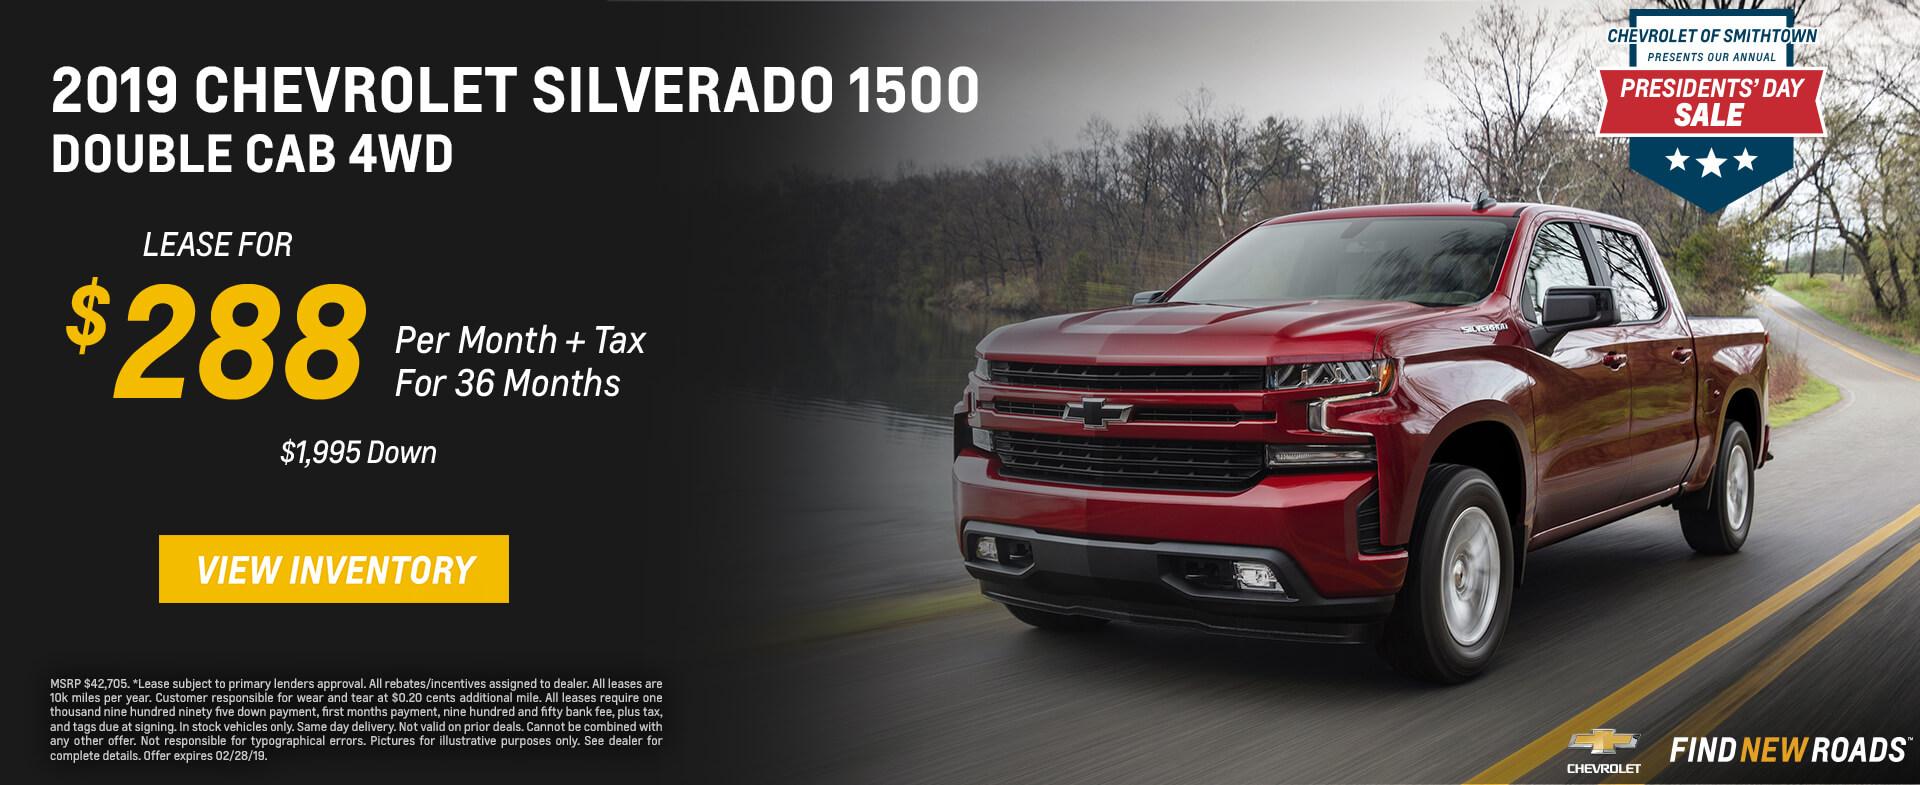 New Used Chevrolet Dealer Long Island Bay Shore Chevrolet Of